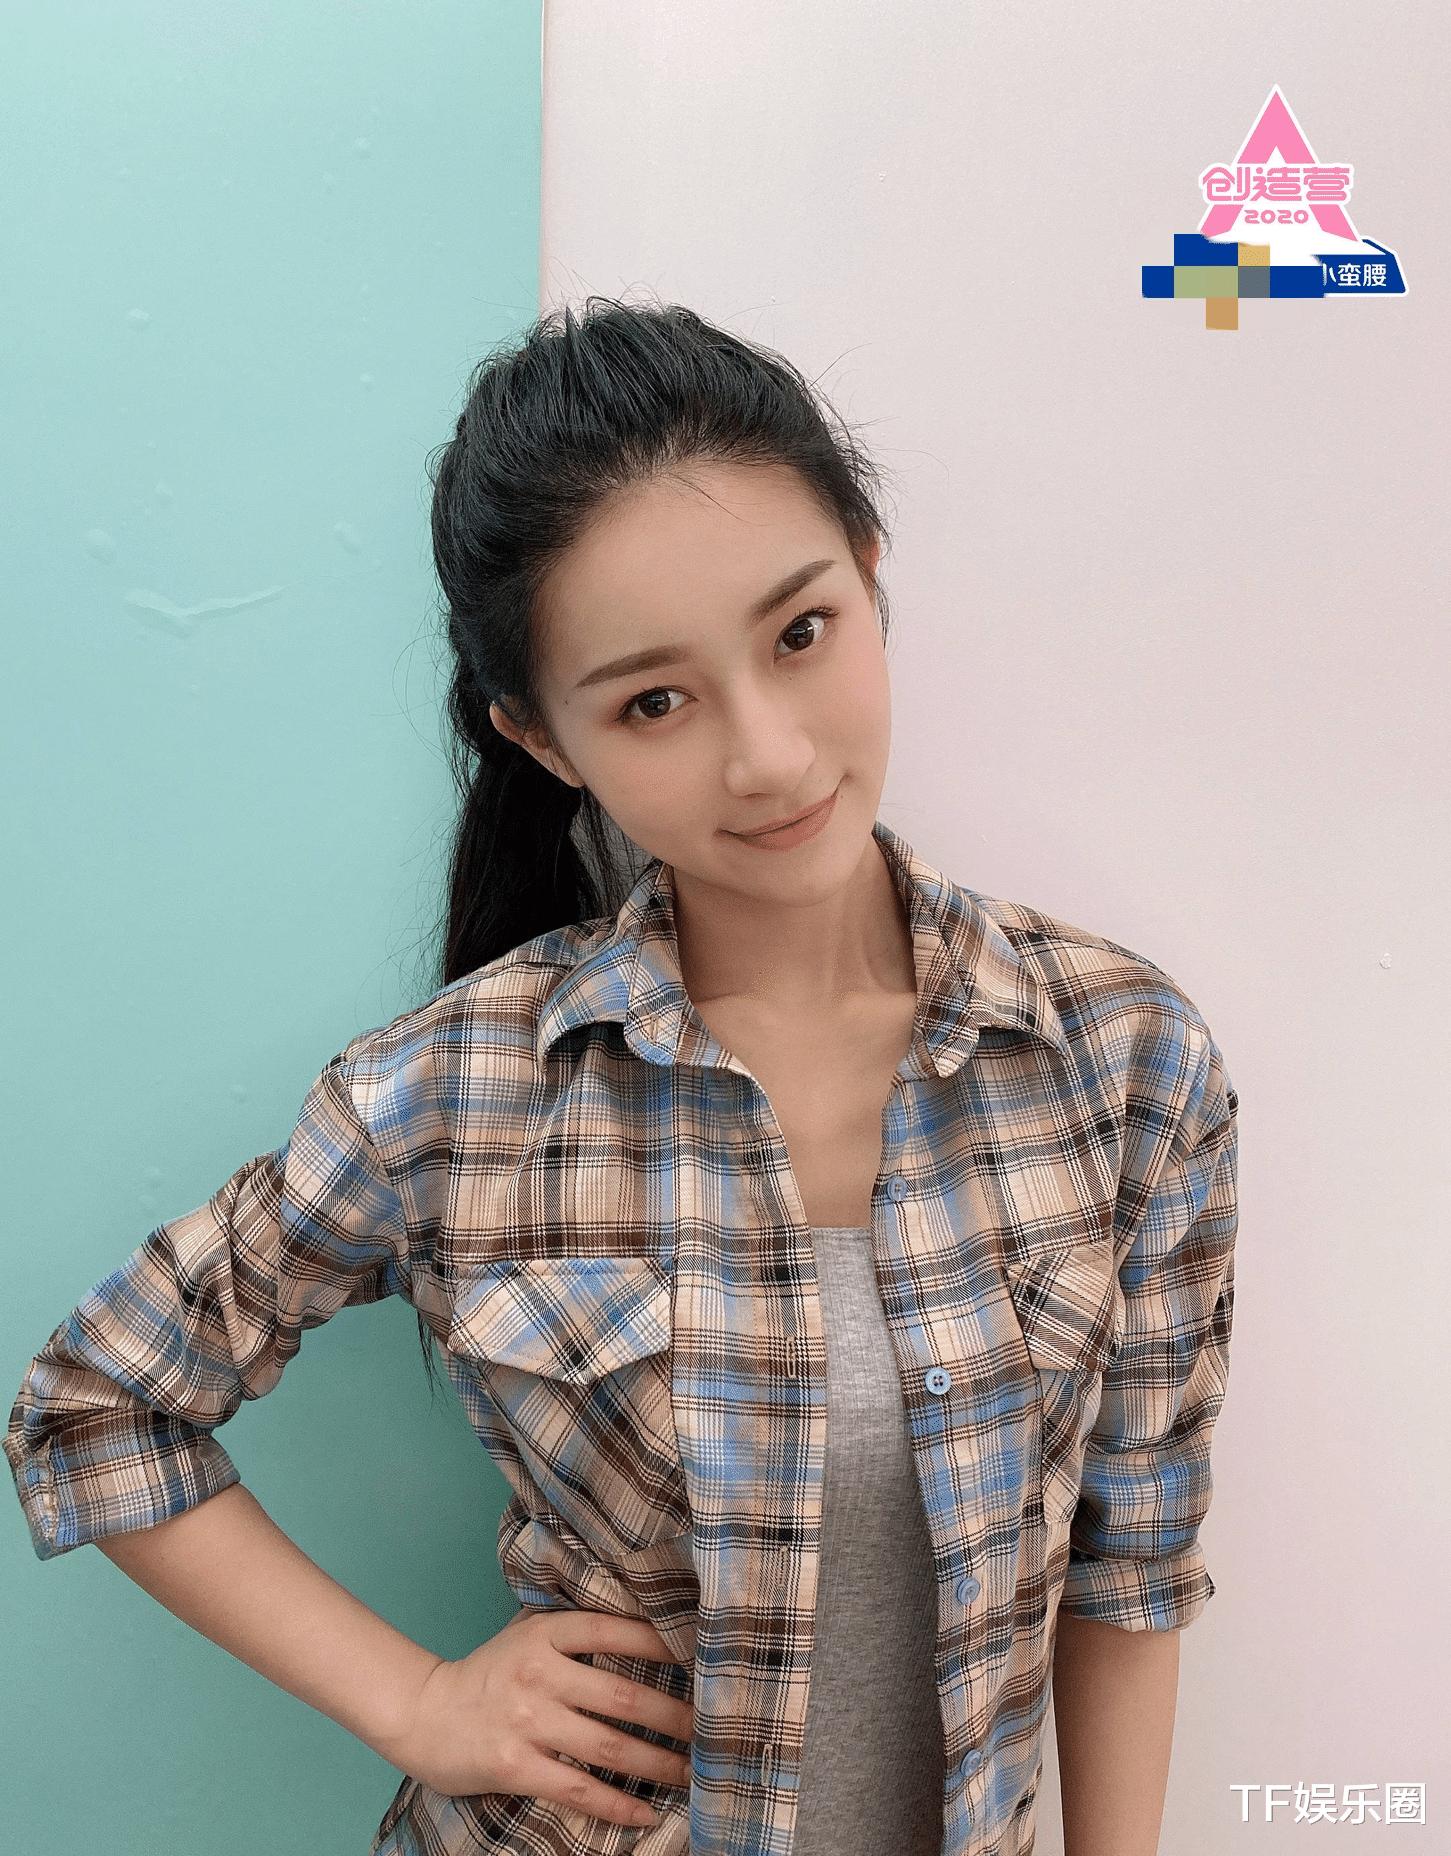 《创造营2022》开启海选,漂亮女生扎堆,还有选手撞脸王俊凯!